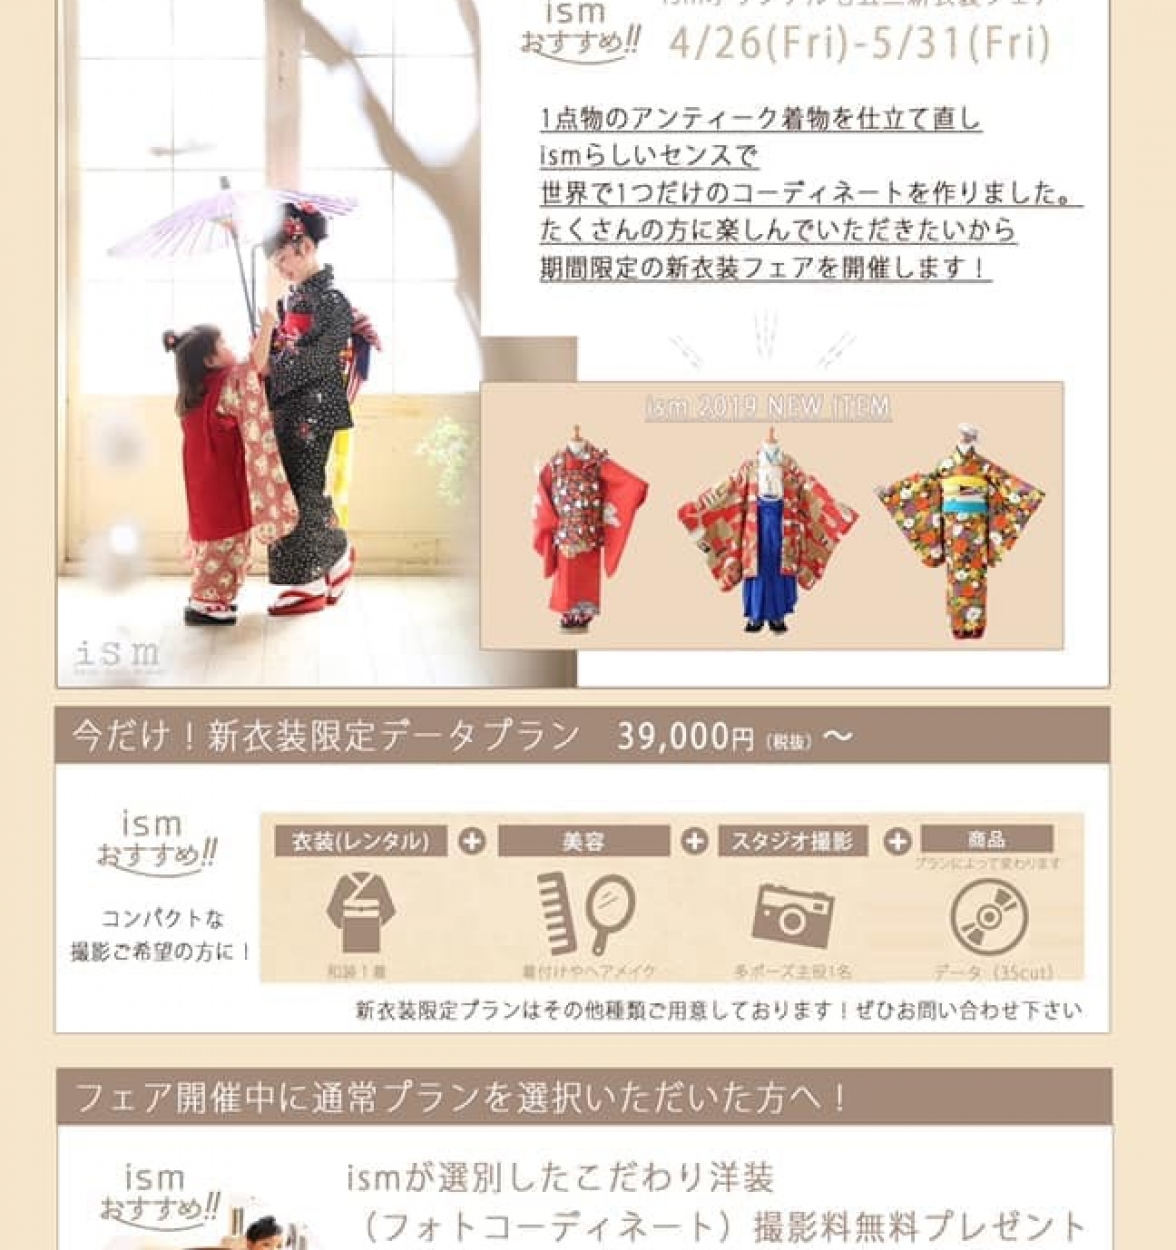 【5月31日まで!753新衣装フェア開催中!】